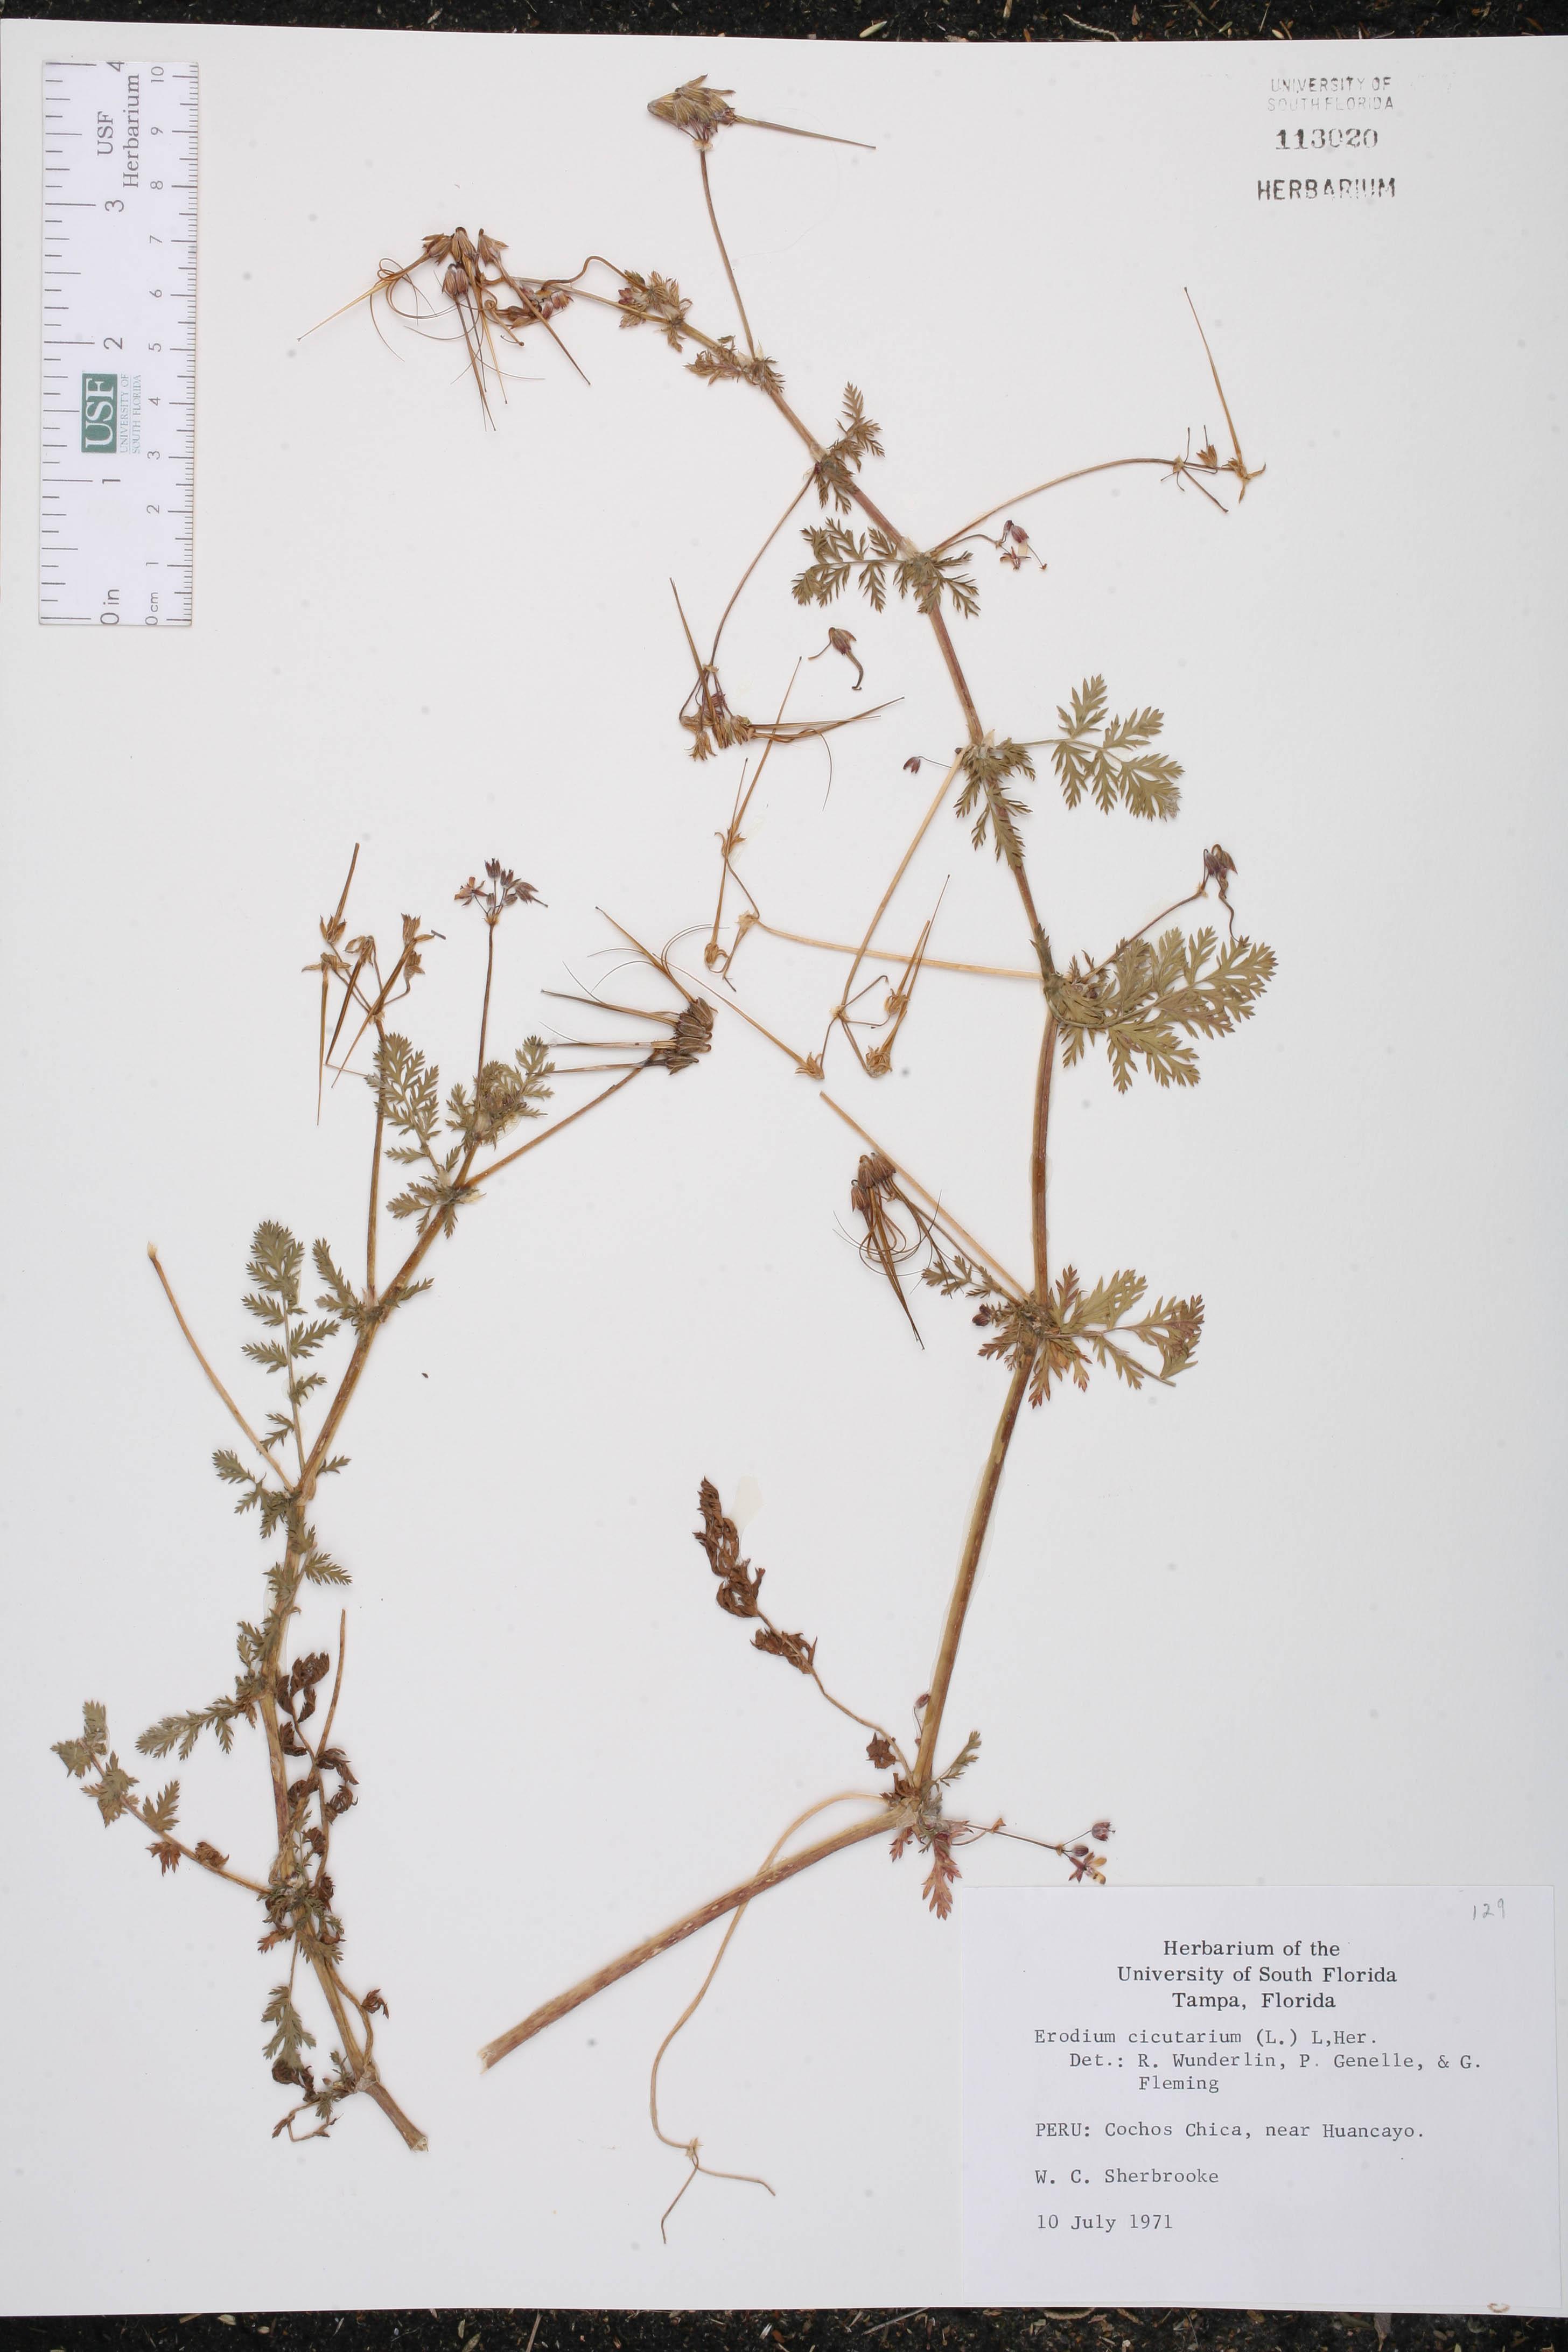 Herbarium specimen details isb: atlas of florida plants.